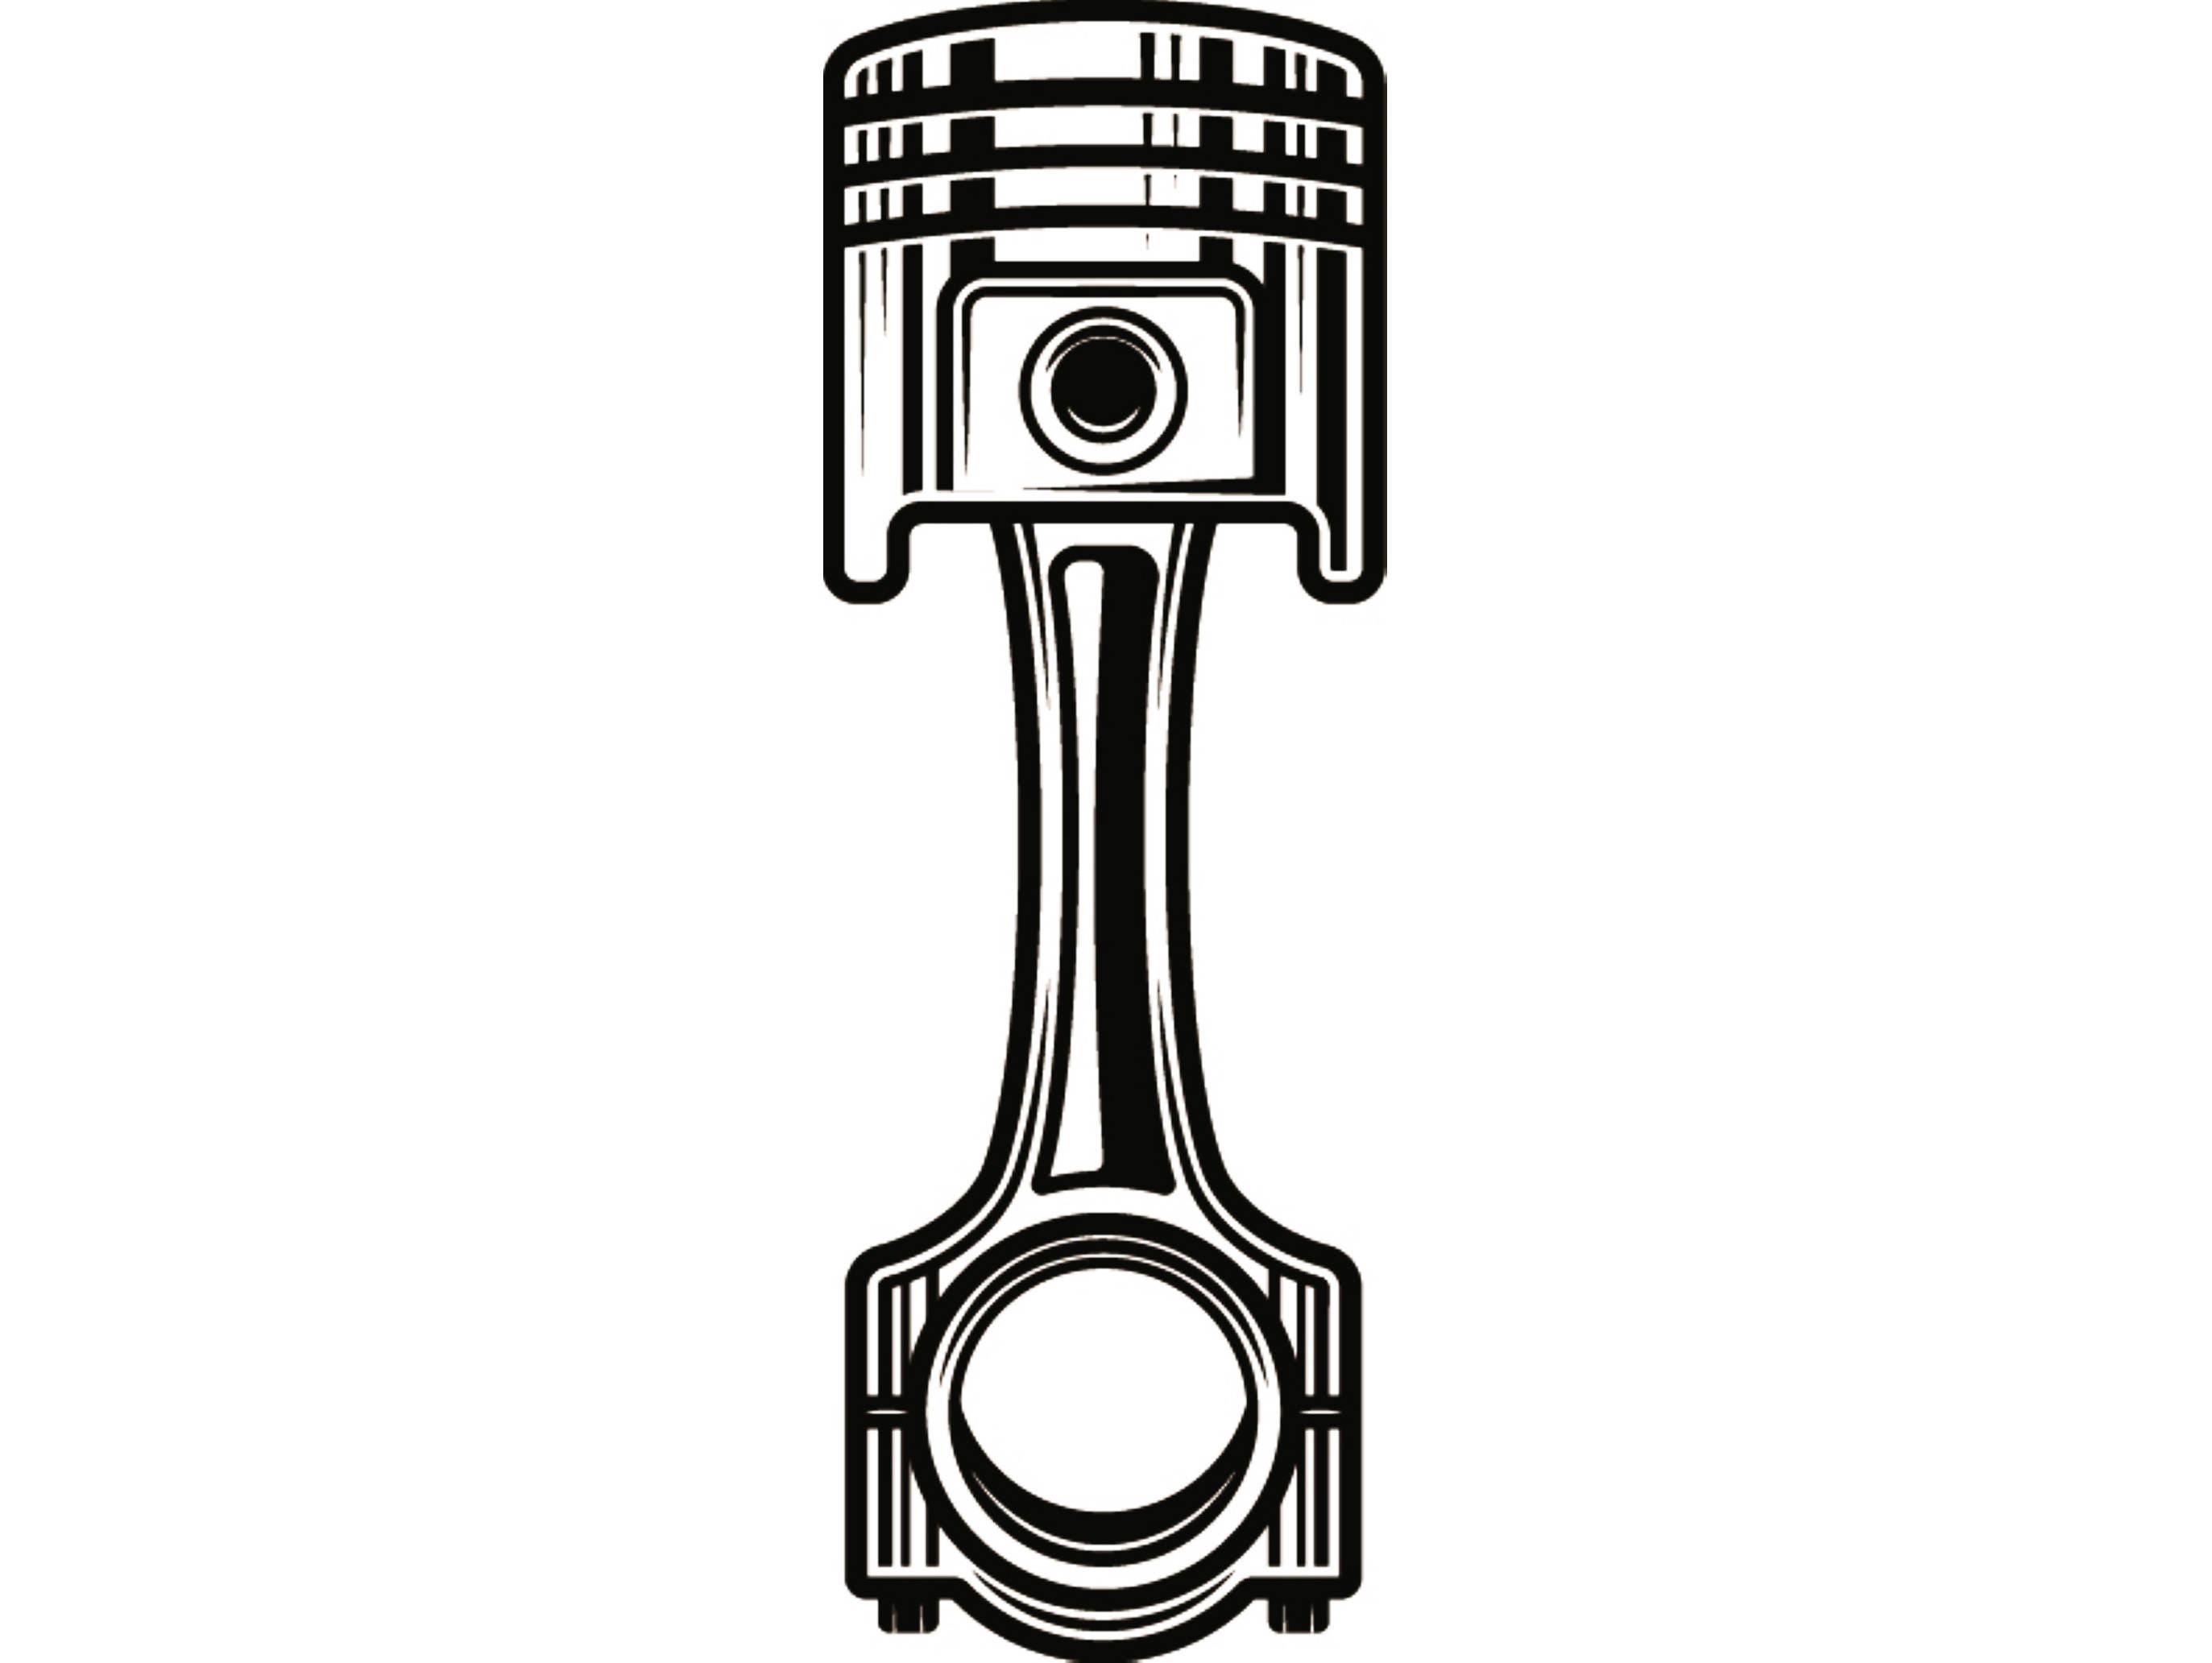 piston 3 chrome engine car vehicle auto part cylinder biker auto mechanic clipart images Auto Mechanic Tools